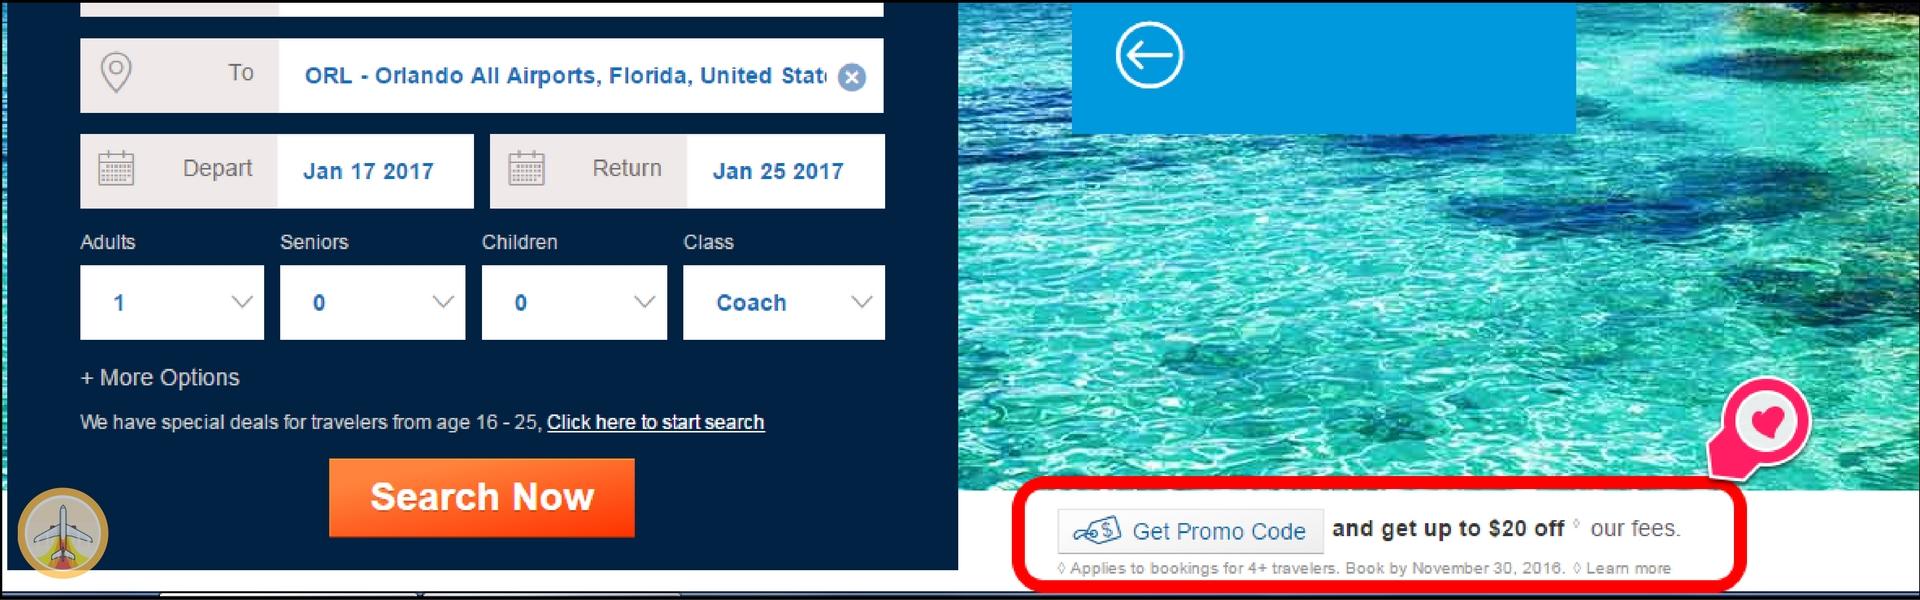 voos-baratos-de-ultima-hora-cheapoair-desconto Como comprar voos baratos em cima da hora (CheapOair)